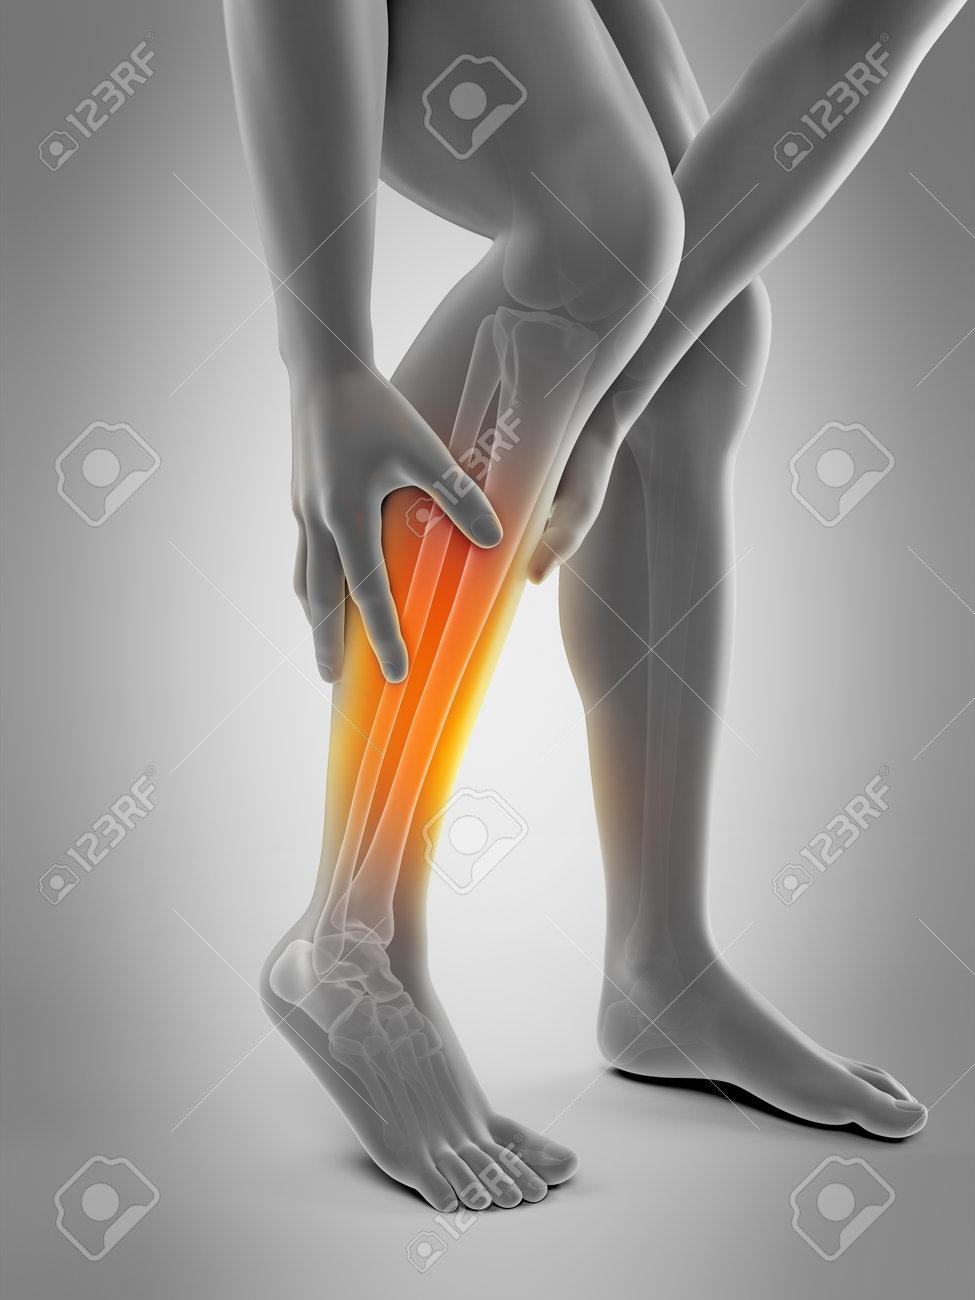 ふくらはぎの痛みの医学的に正確な 3 D イラスト の写真素材画像素材